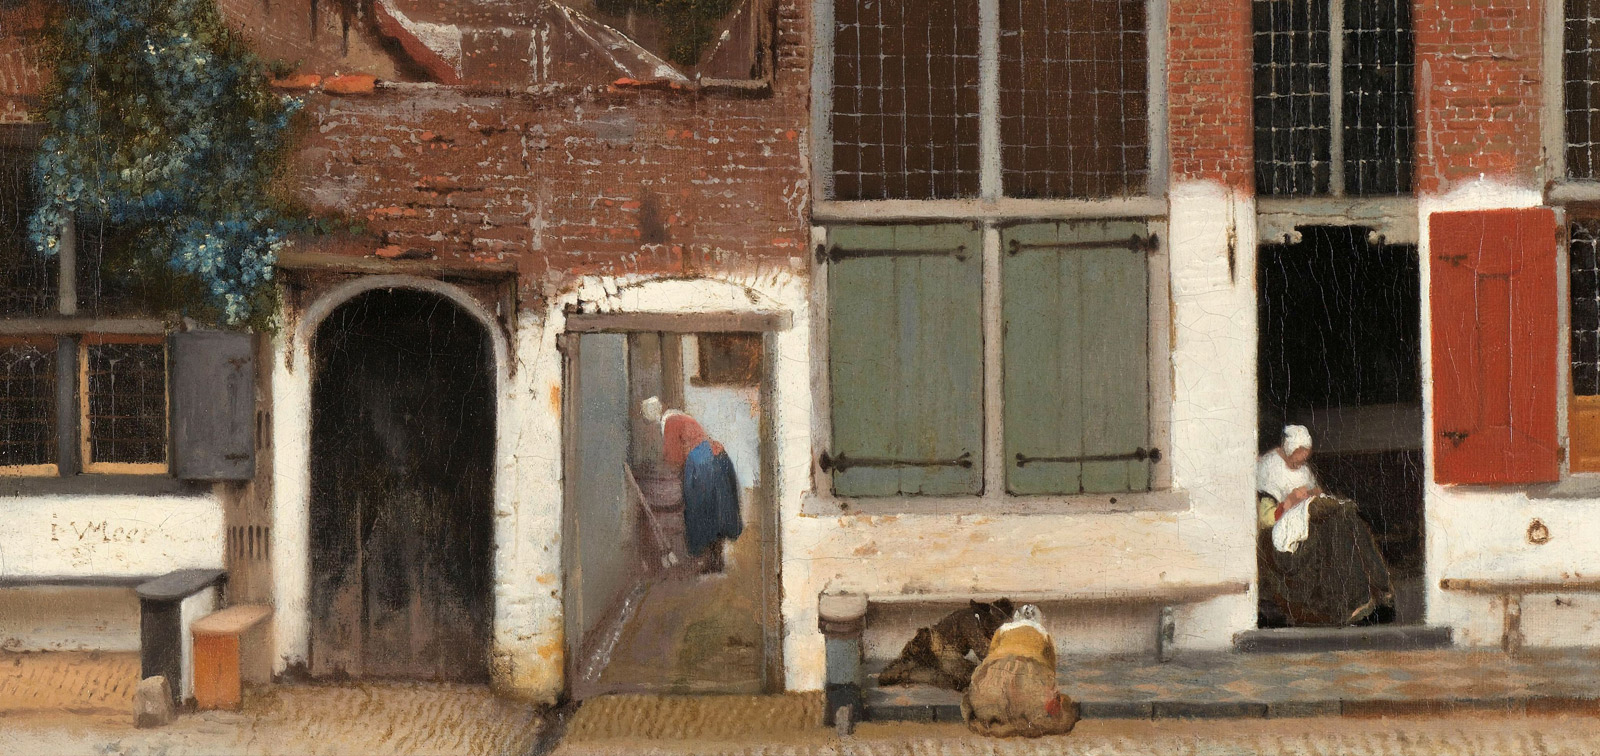 Velázquez, Rembrandt, Vermeer. Parallel visions